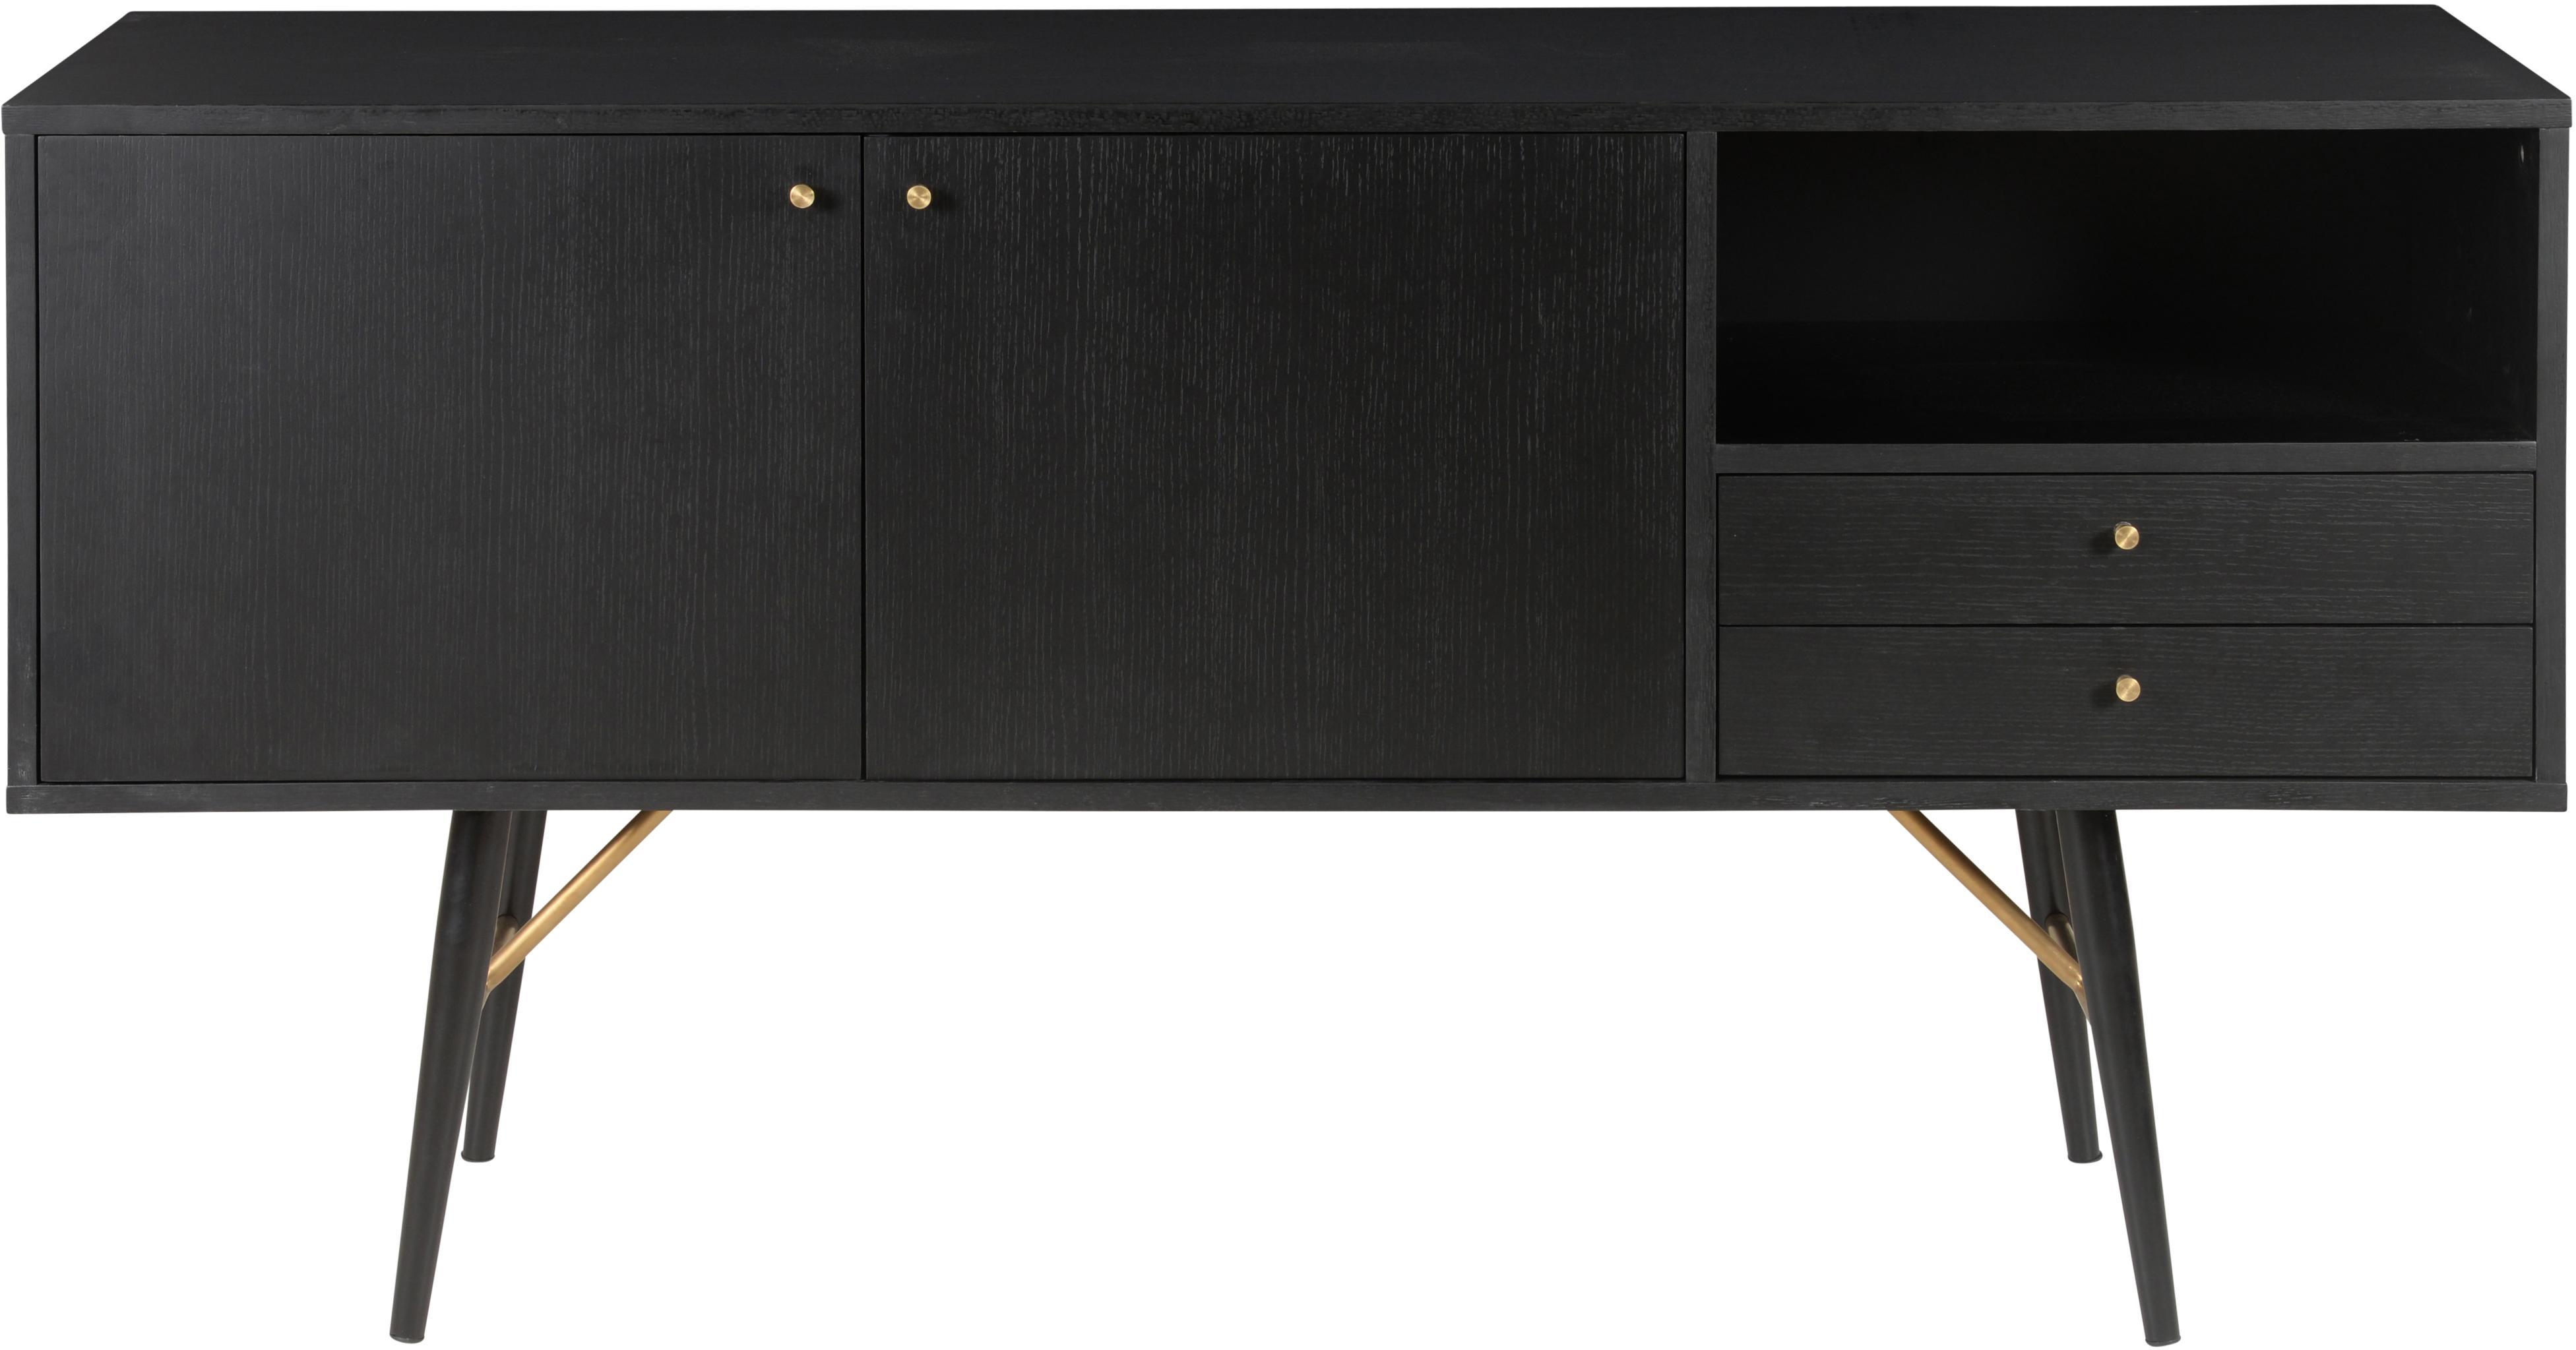 Zwart dressoir Verona, Frame: MDF met gelakt eikenhoutf, Poten: gepoedercoat metaal, Zwart, messingkleurig, 160 x 45 cm